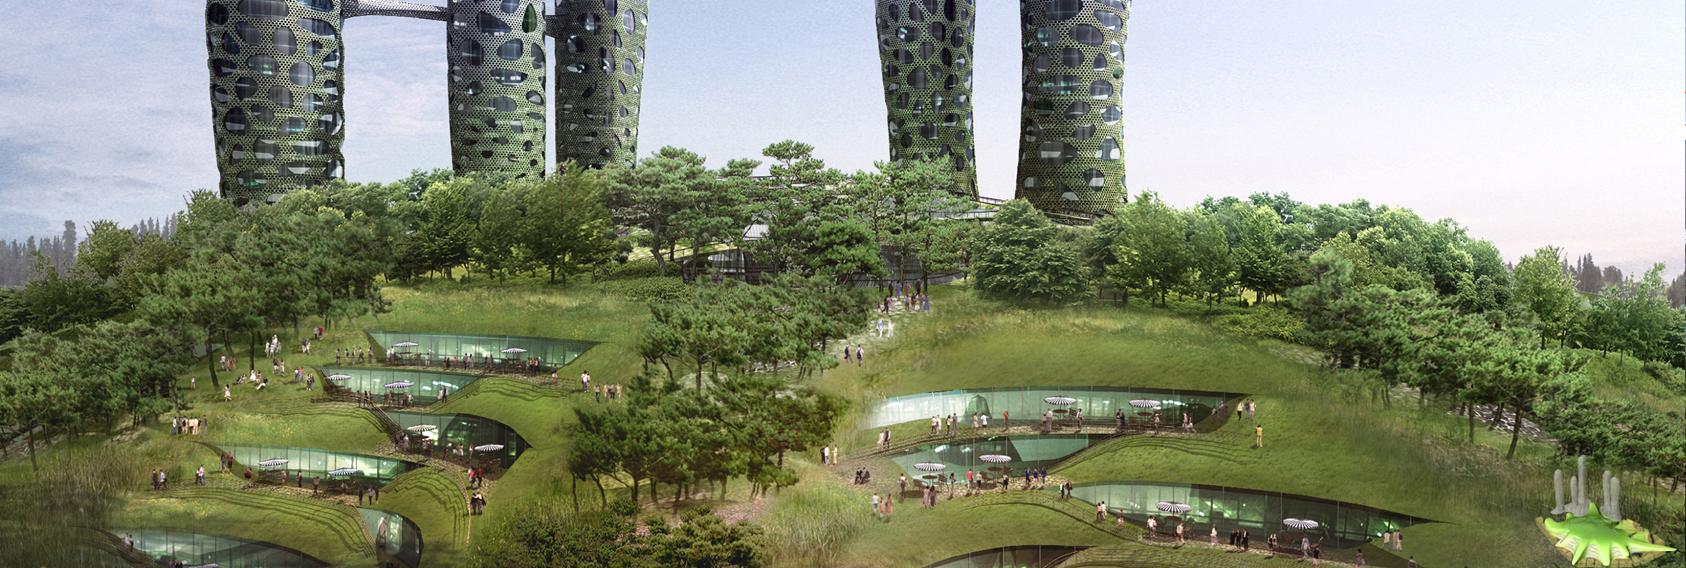 BA_yongdusancomplex_view2_iArc.jpg